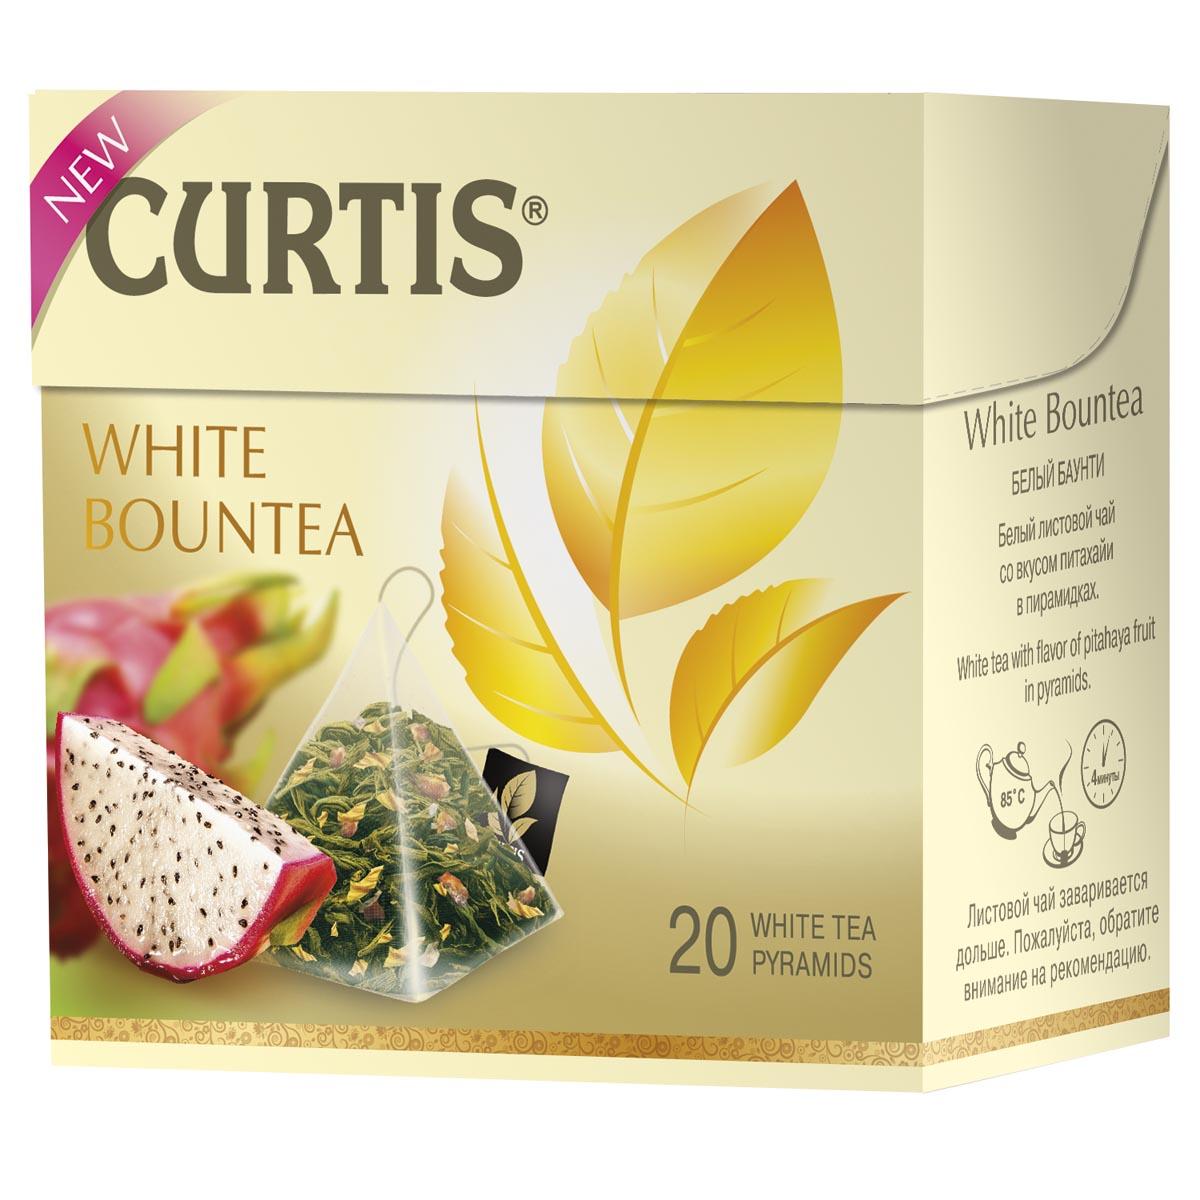 Curtis White Bountea белый чай в пирамидках, 20 шт101246Обновленный купаж листового белого чая с волнующим тропическим ароматом и сладкими нотками питахайи - незабываемое путешествие на далекие экзотические острова. Чай обладает великолепным вкусом, тонким и немного сладковатым, а также приятным ароматом.